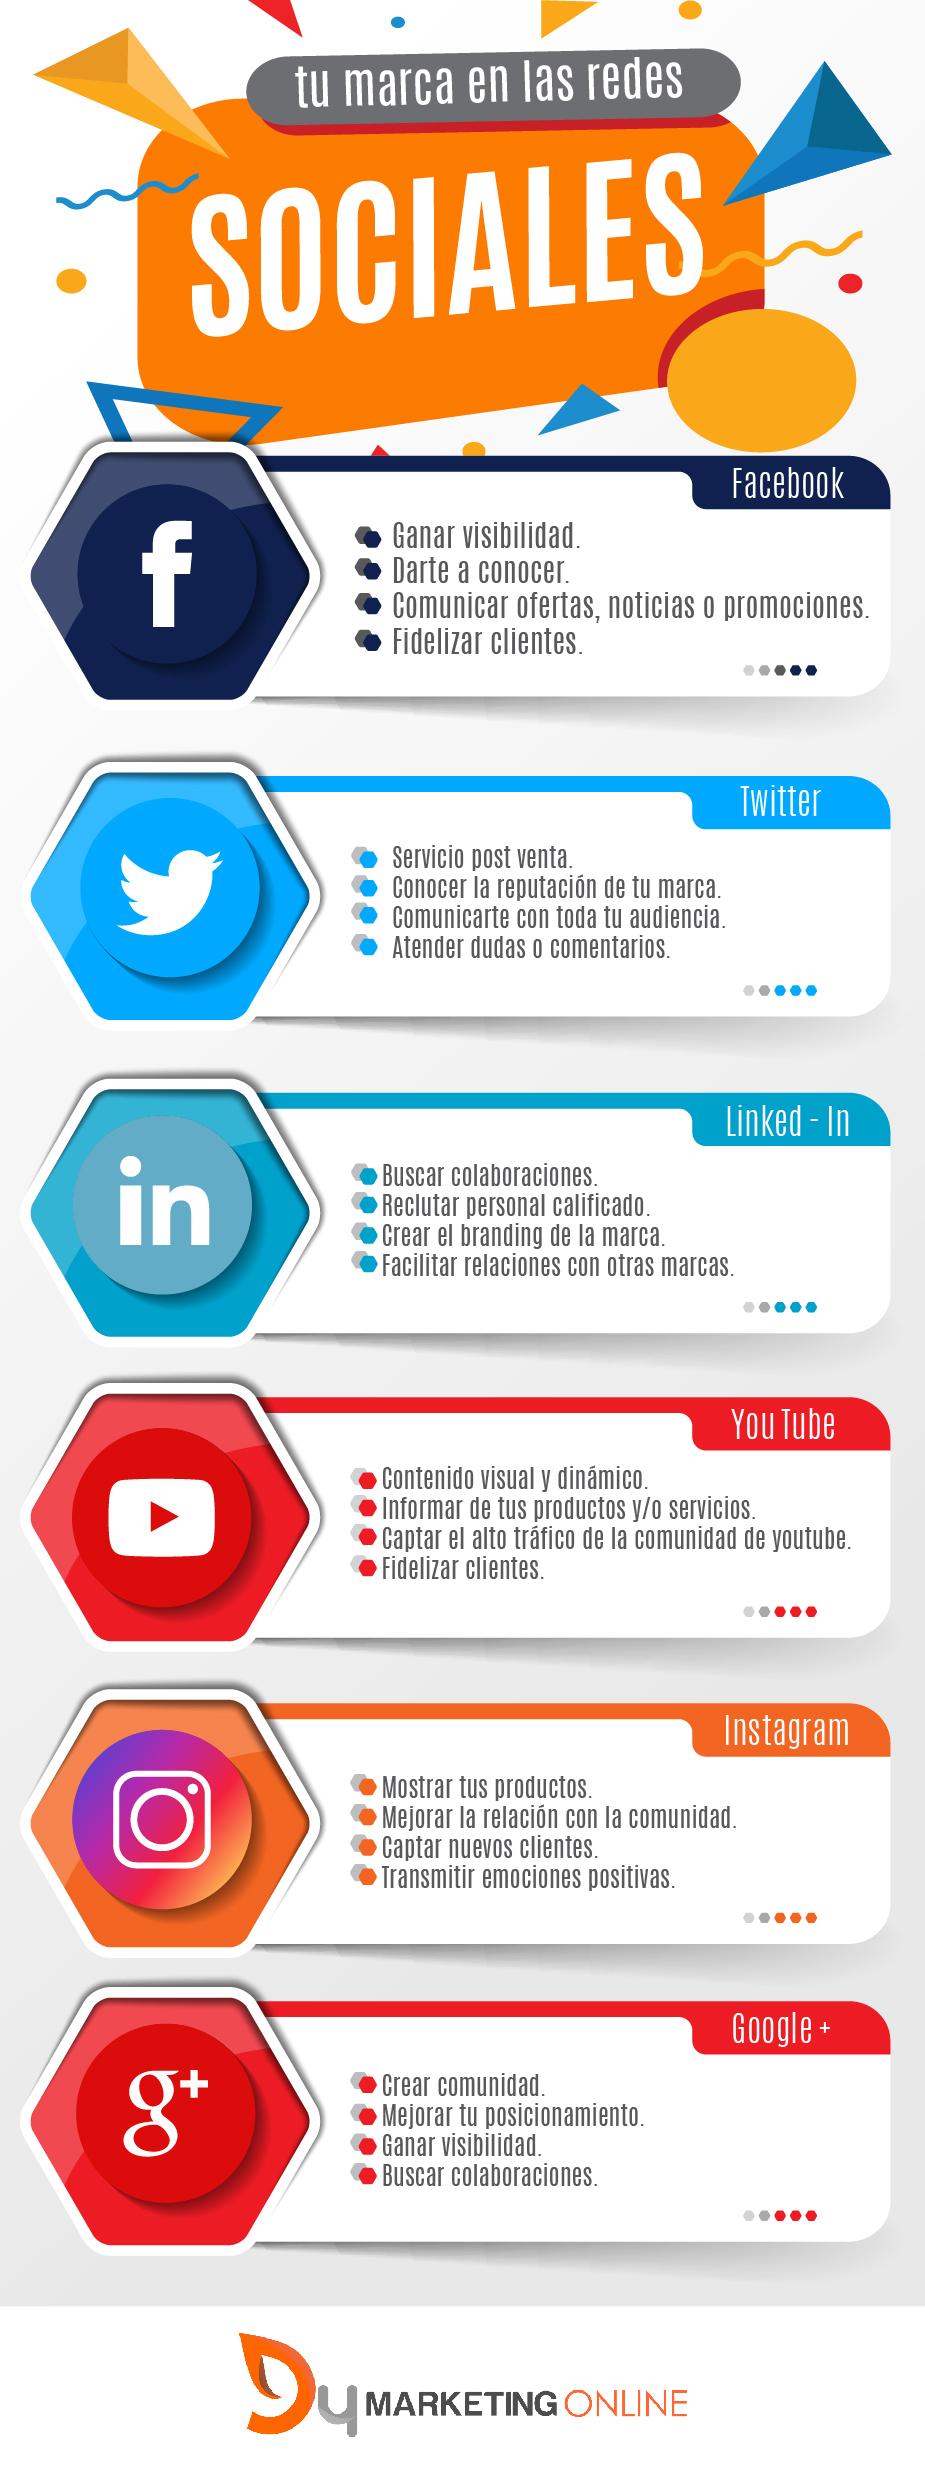 Tu marca en las diferentes redes sociales